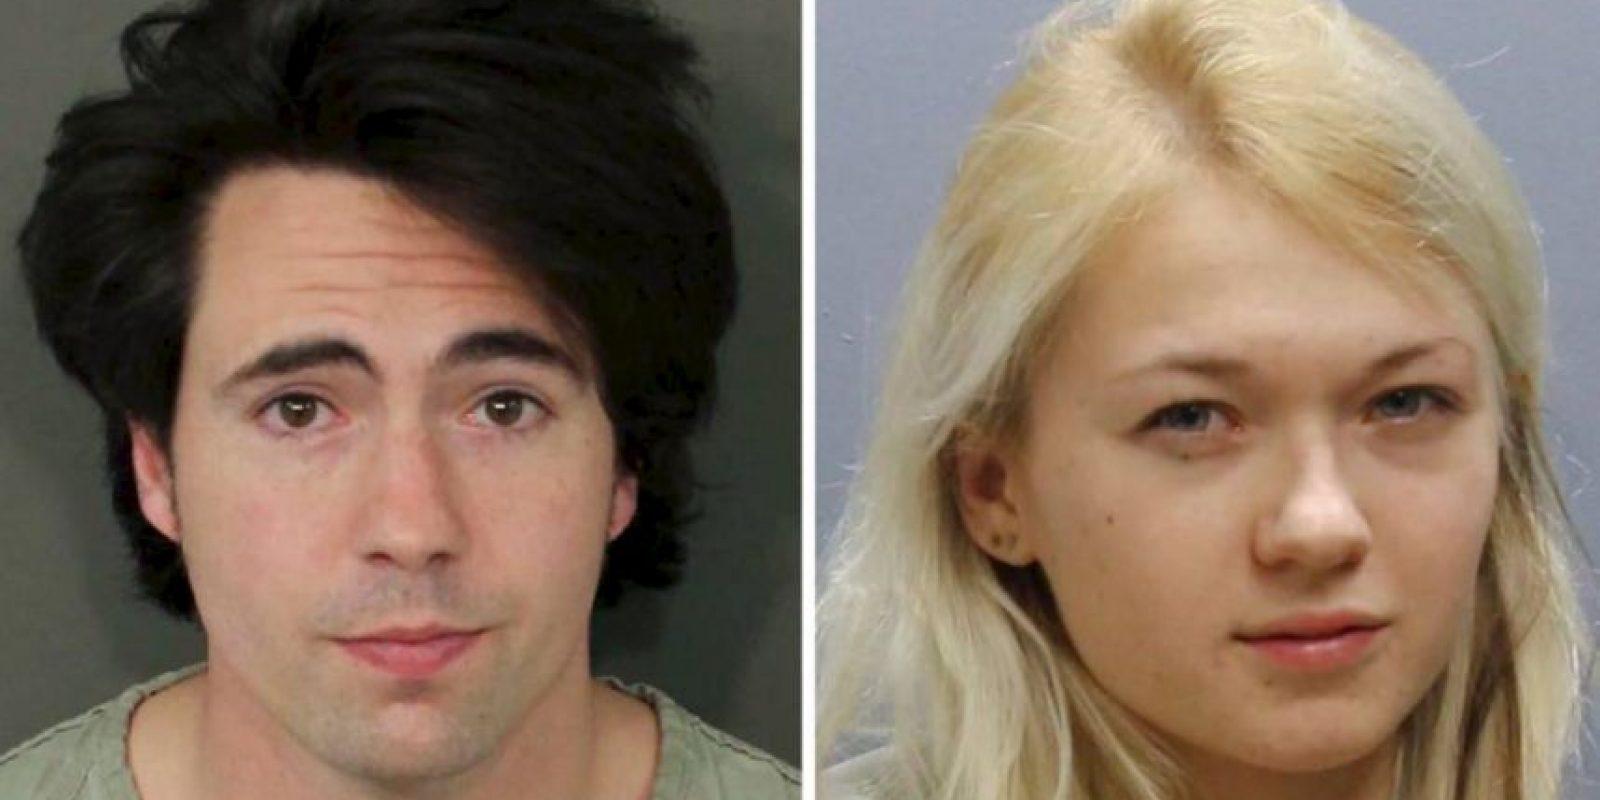 En abril del mismo año, uan pareja de delincuentes grabó en vivo la violación de una jovencita en Ohio, Estados unidos. Foto:Franklin County Sheriff's Office